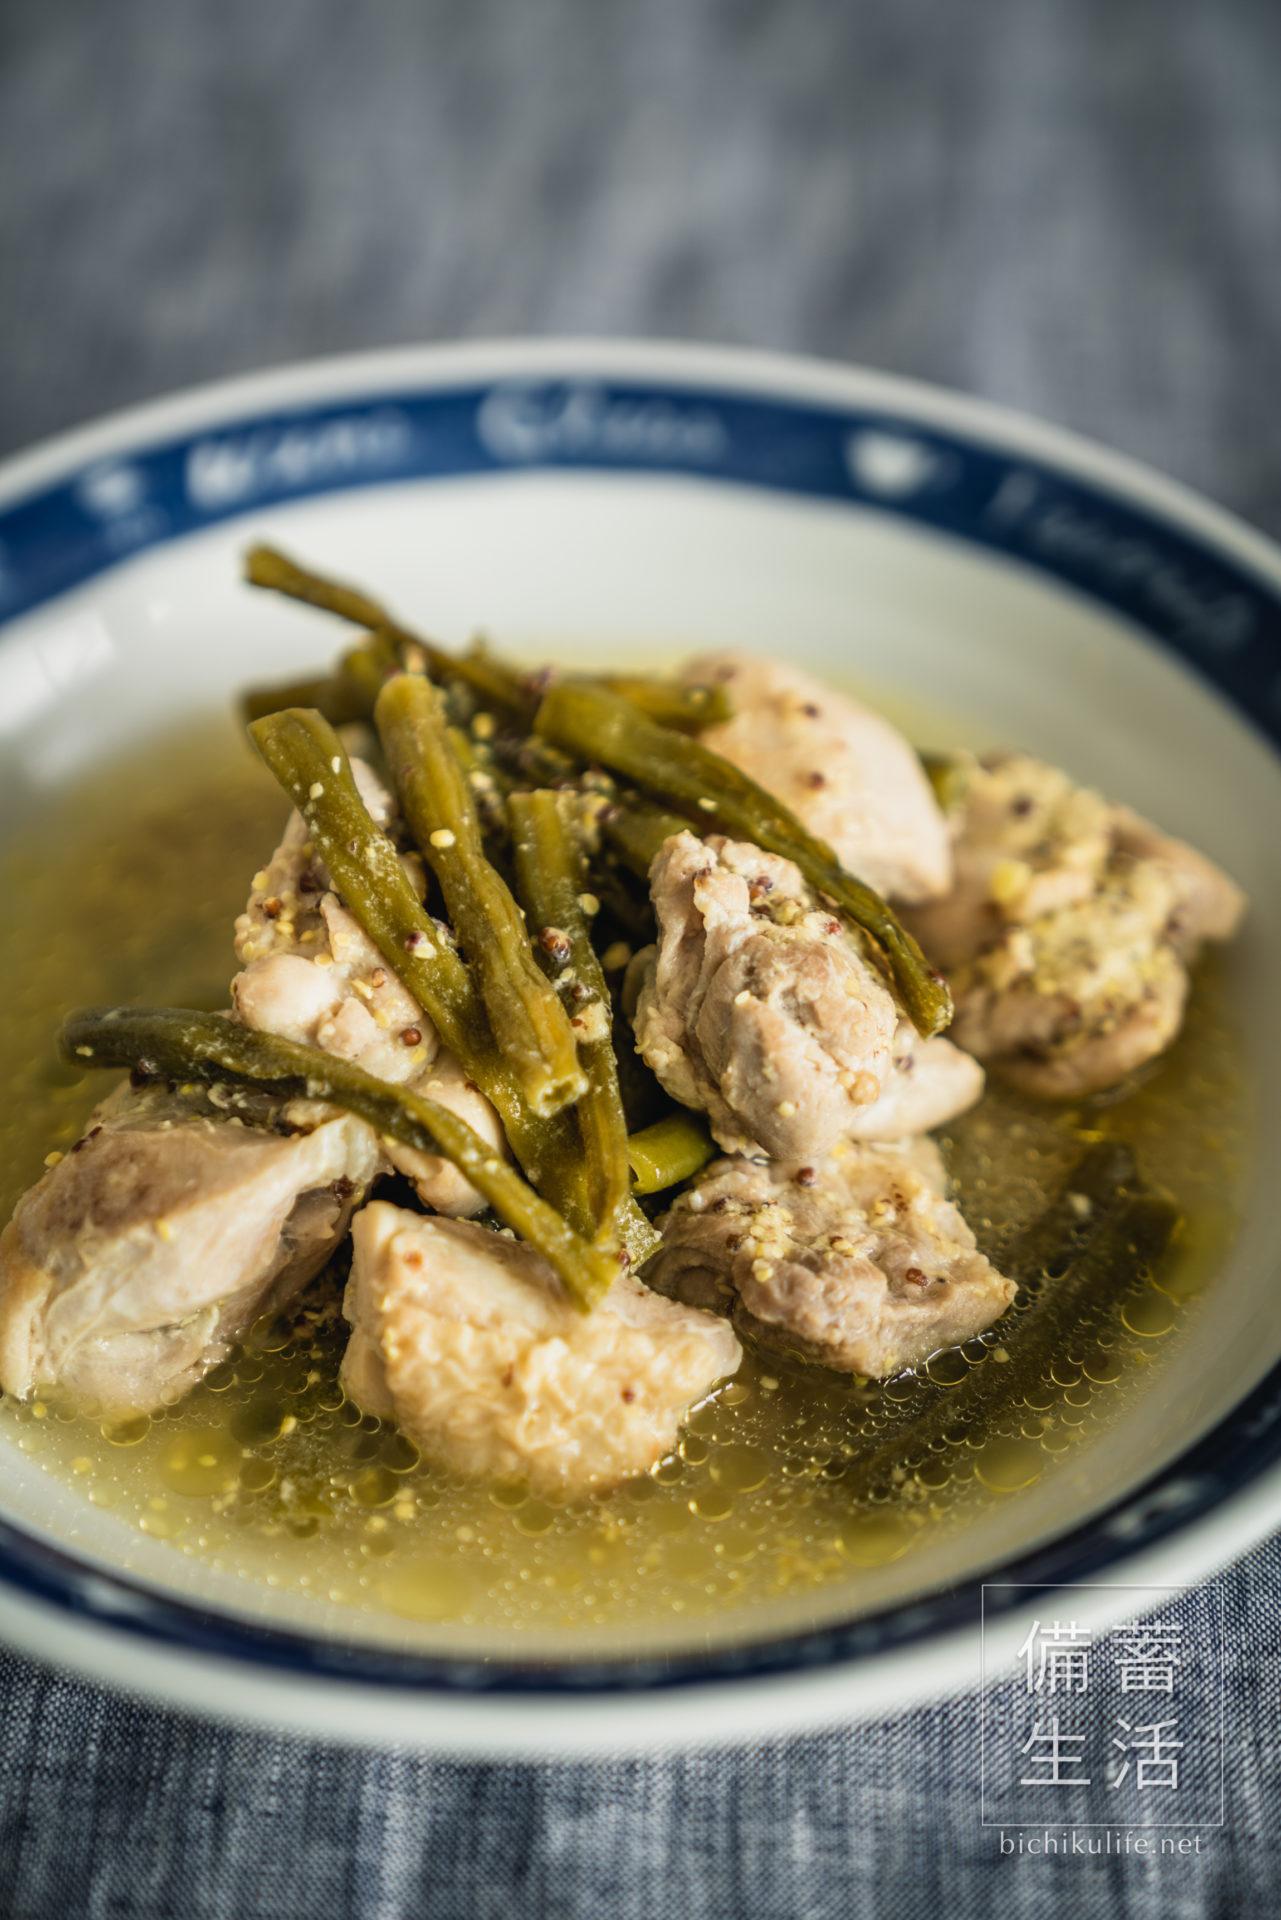 干しさやいんげんのレシピ 干し野菜づくり -干しサヤインゲン-干しインゲンと鶏モモ肉のマスタード煮